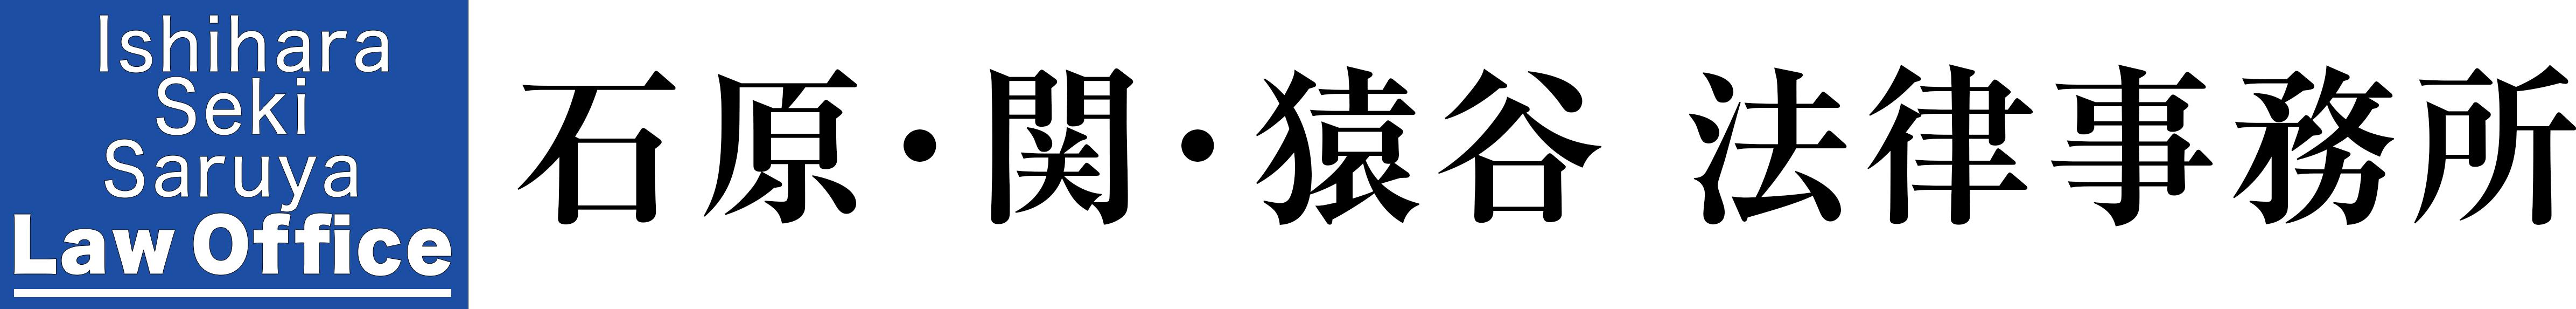 石原・関・猿谷 法律事務所(群馬県前橋市)